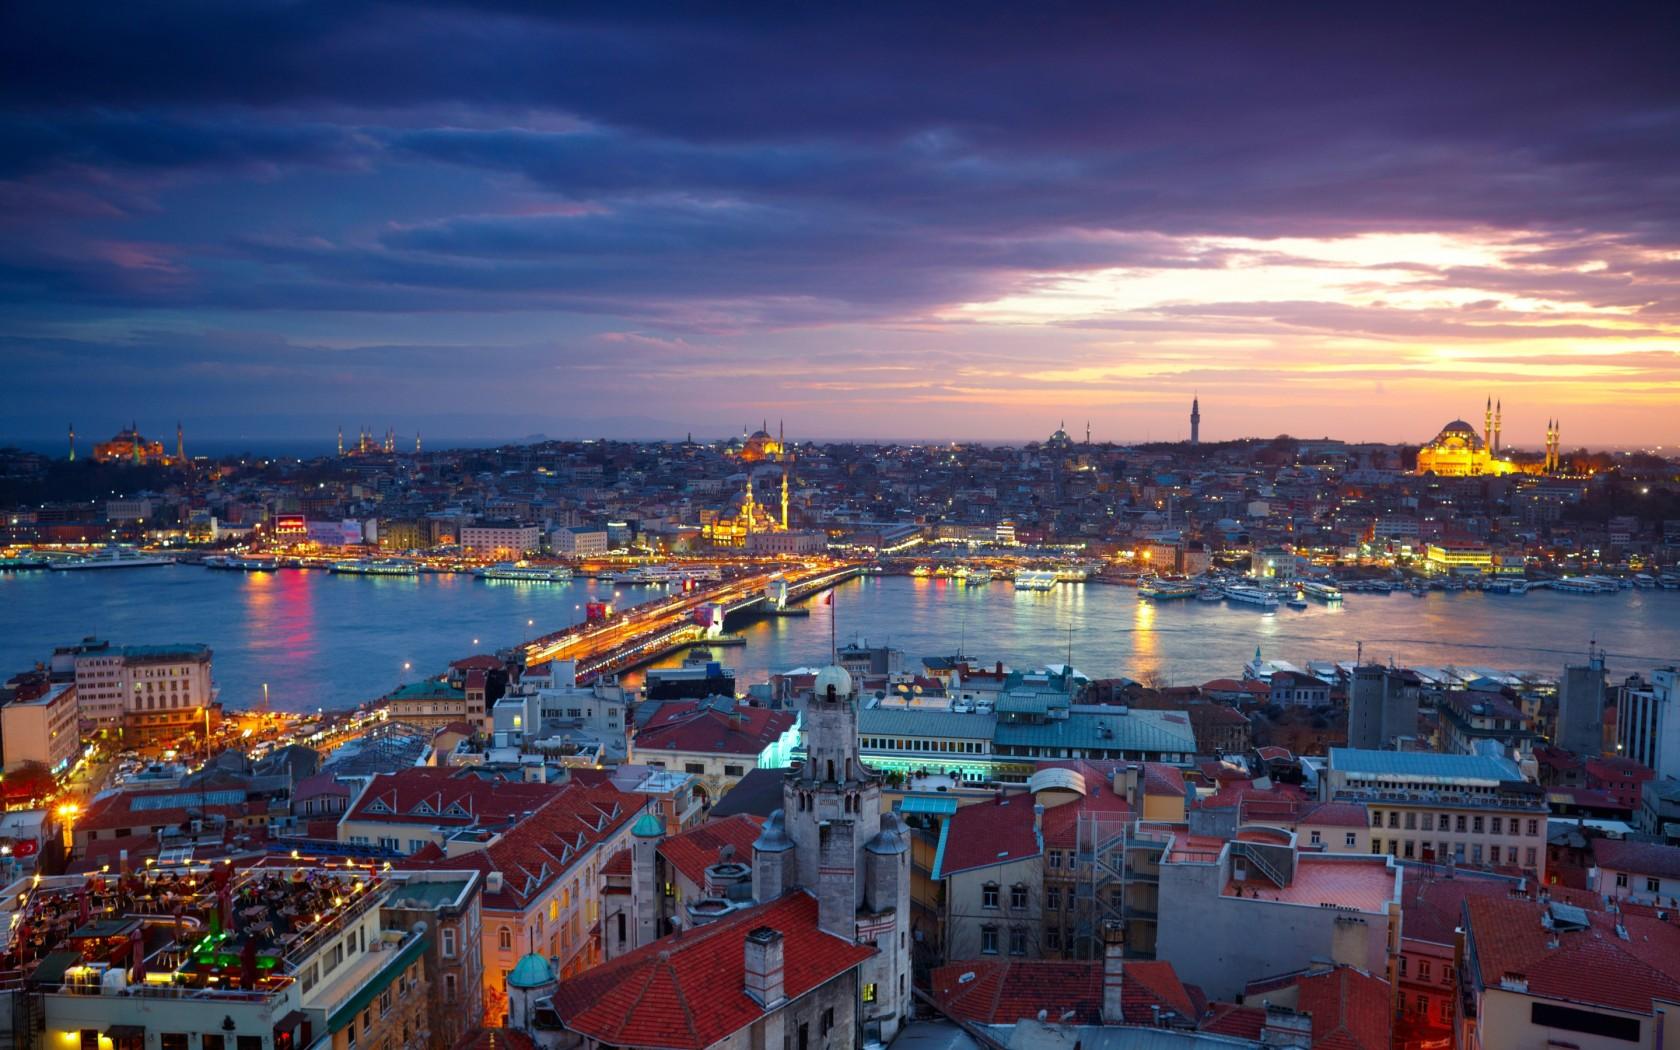 安塔利亚是土耳其最美丽的地区,它位于地中海沿岸,被无数群山环绕。成行的棕榈树构成一条条林荫大道,一个极漂亮具有历史意义的码头,以及美味可口的菜肴都是安塔利亚这座城市的迷人之处。安塔利亚将带给游客一种身心愉悦的感受。土耳其南岸港市,安塔利亚省省会。人口60,3190(2000)。始建于公元前二世纪,在东罗马帝国时期与奥斯曼帝国时期为东地中海重要港口。但北面有托罗斯山阻挡与内地的交通,又因港口水浅,后被梅尔辛港与伊斯肯德伦港超过。现只出口当地的水果以及少量铬矿砂、木材,畜产品。工业有棉纺织厂与铬铁厂。气候温暖,附近多古迹,已发展为旅游中心。安塔利亚地处安塔利亚海湾翠绿的沿岸平原,东面是秀美的孔亚阿特海滩,西面是一望无际的拉拉沙滩。南濒清澈的地中海,北临郁郁丛丛的托罗斯山脉。